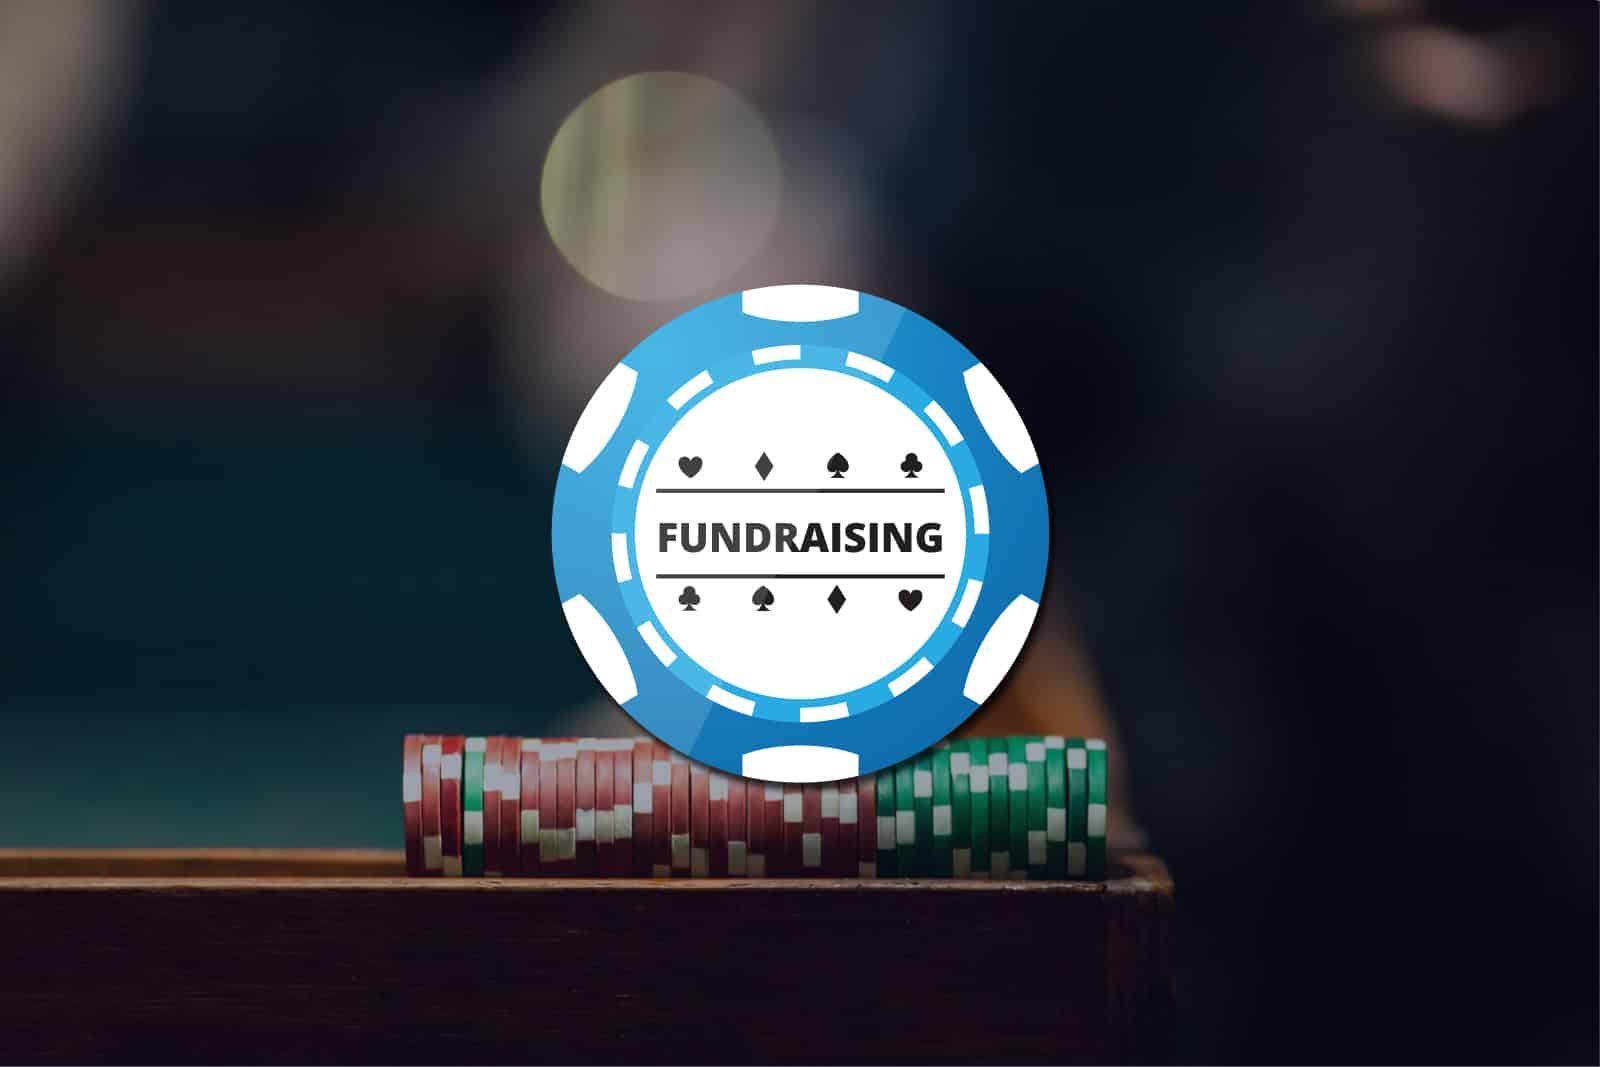 Are casino night fundraisers legal constanta romania casino